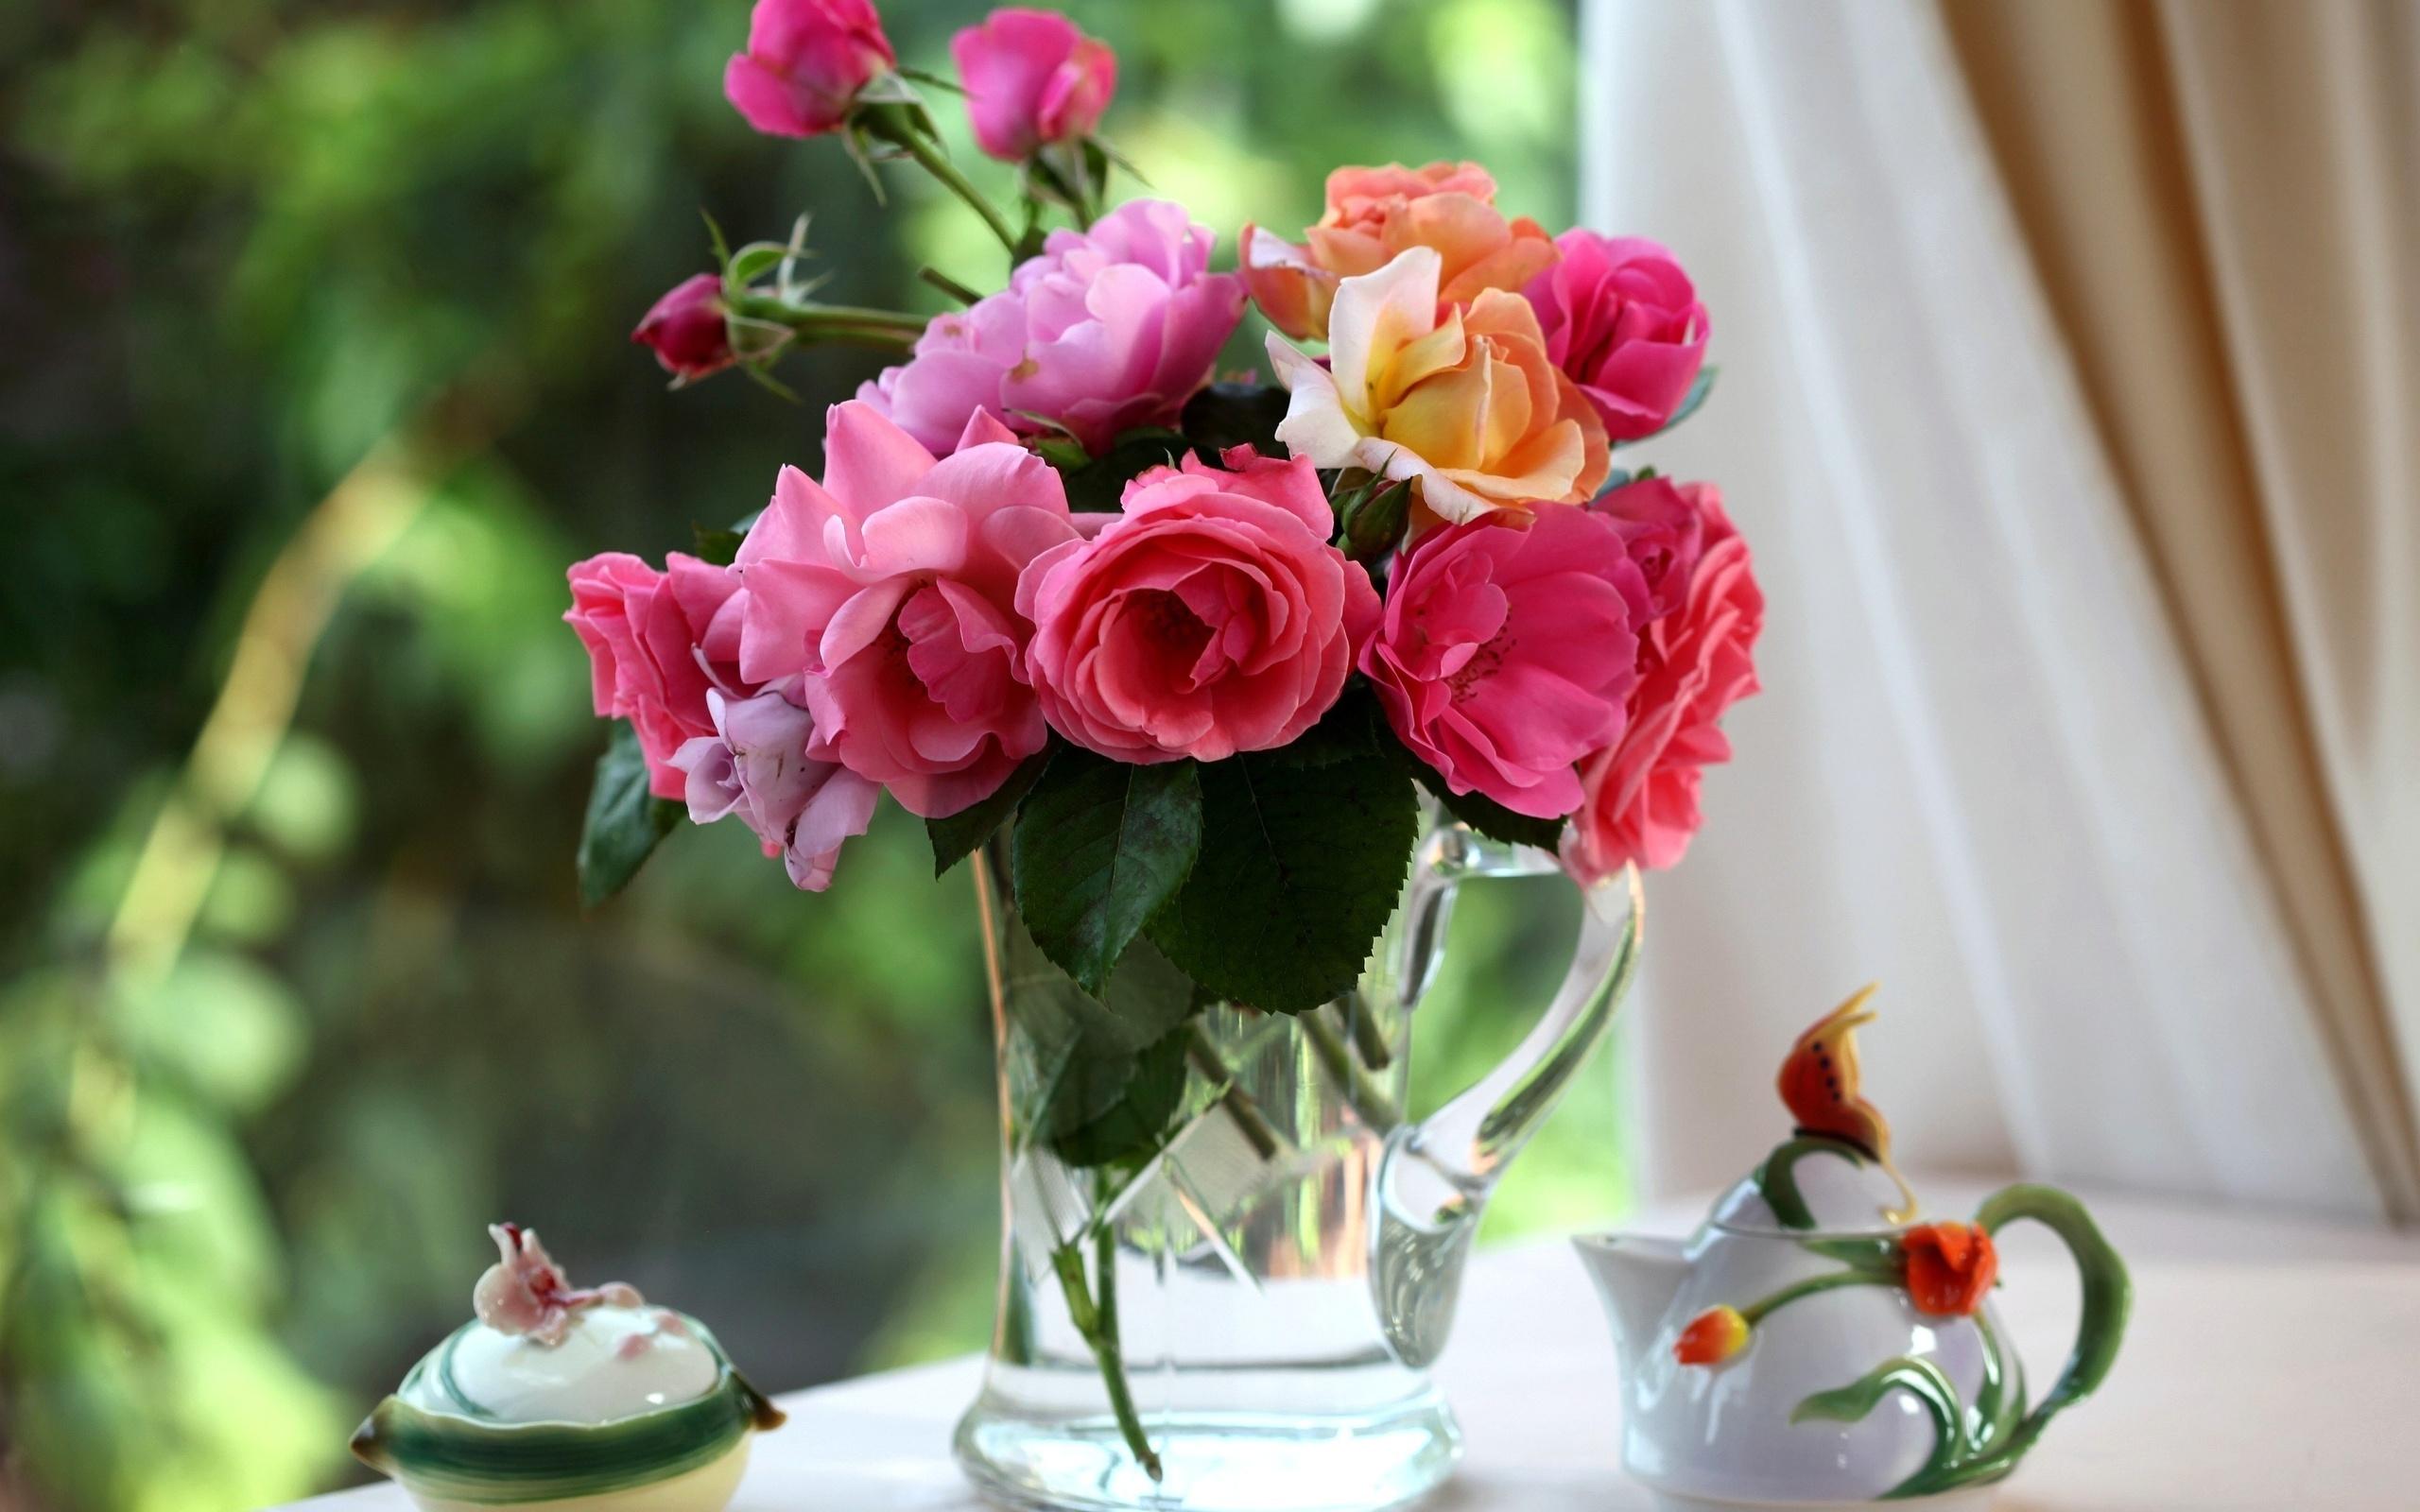 Букет роз на столе в вазе, конфет тюмени